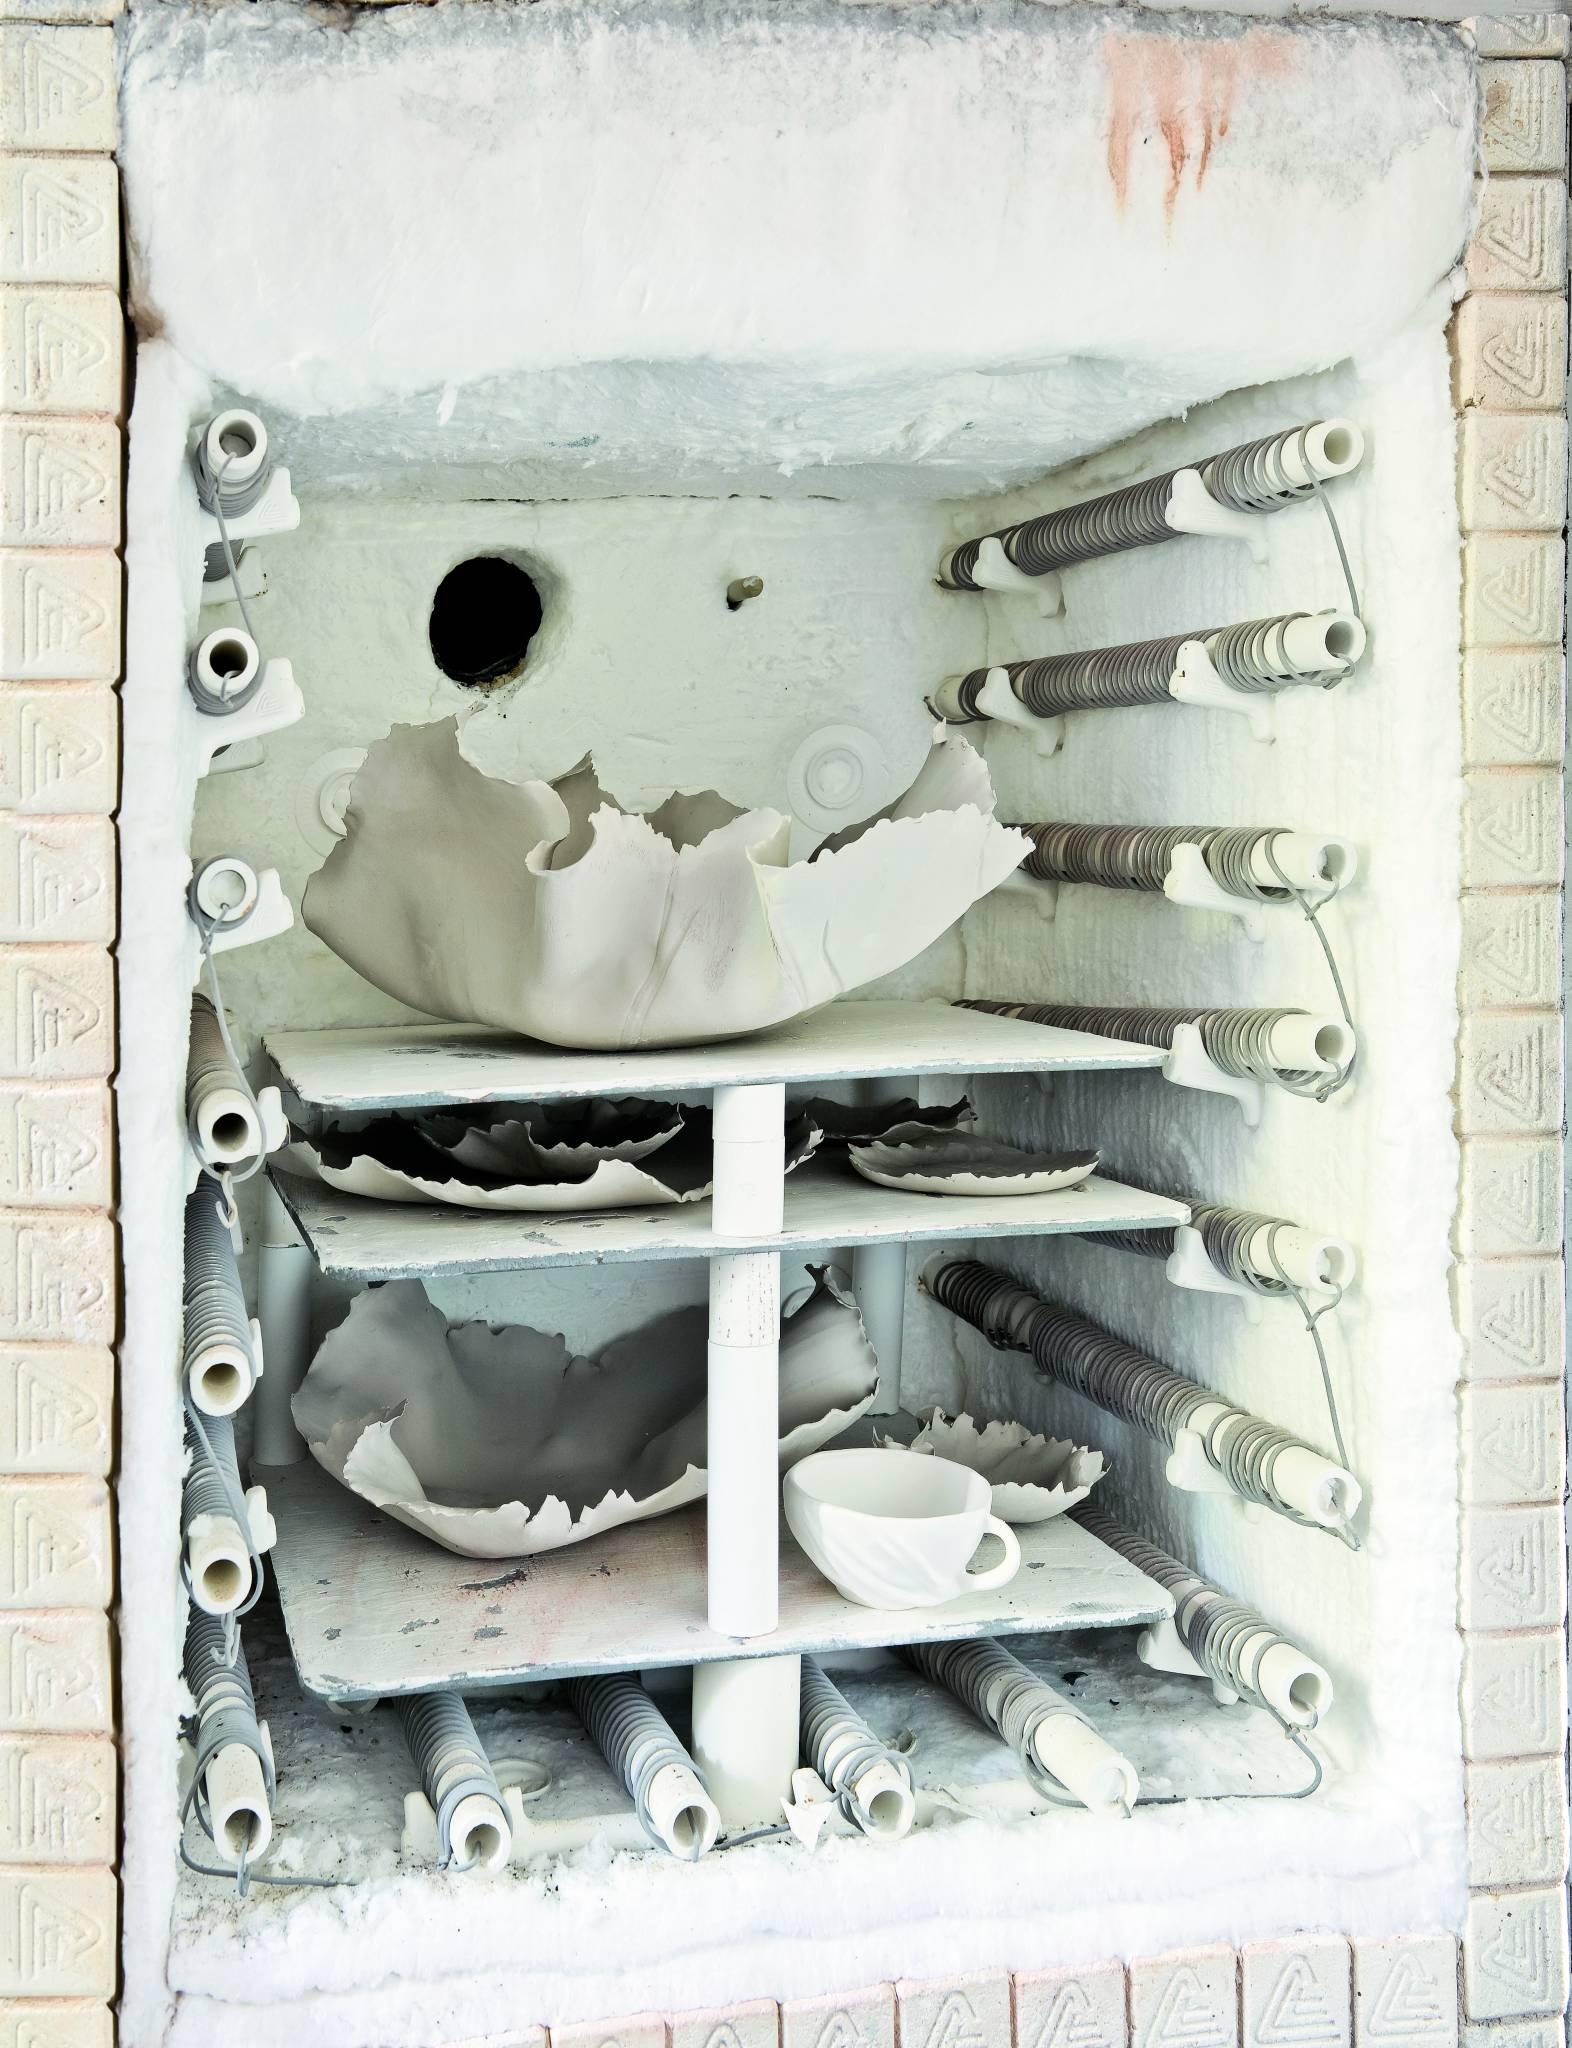 W pracowni najważniejsze są piec ceramiczny i stół roboczy. 11. Jedna z namiętności Dominiki: kolekcja porcelany. (Fot. Jakub Pajewski; Stylizacja: Basia Dereń-Marzec)